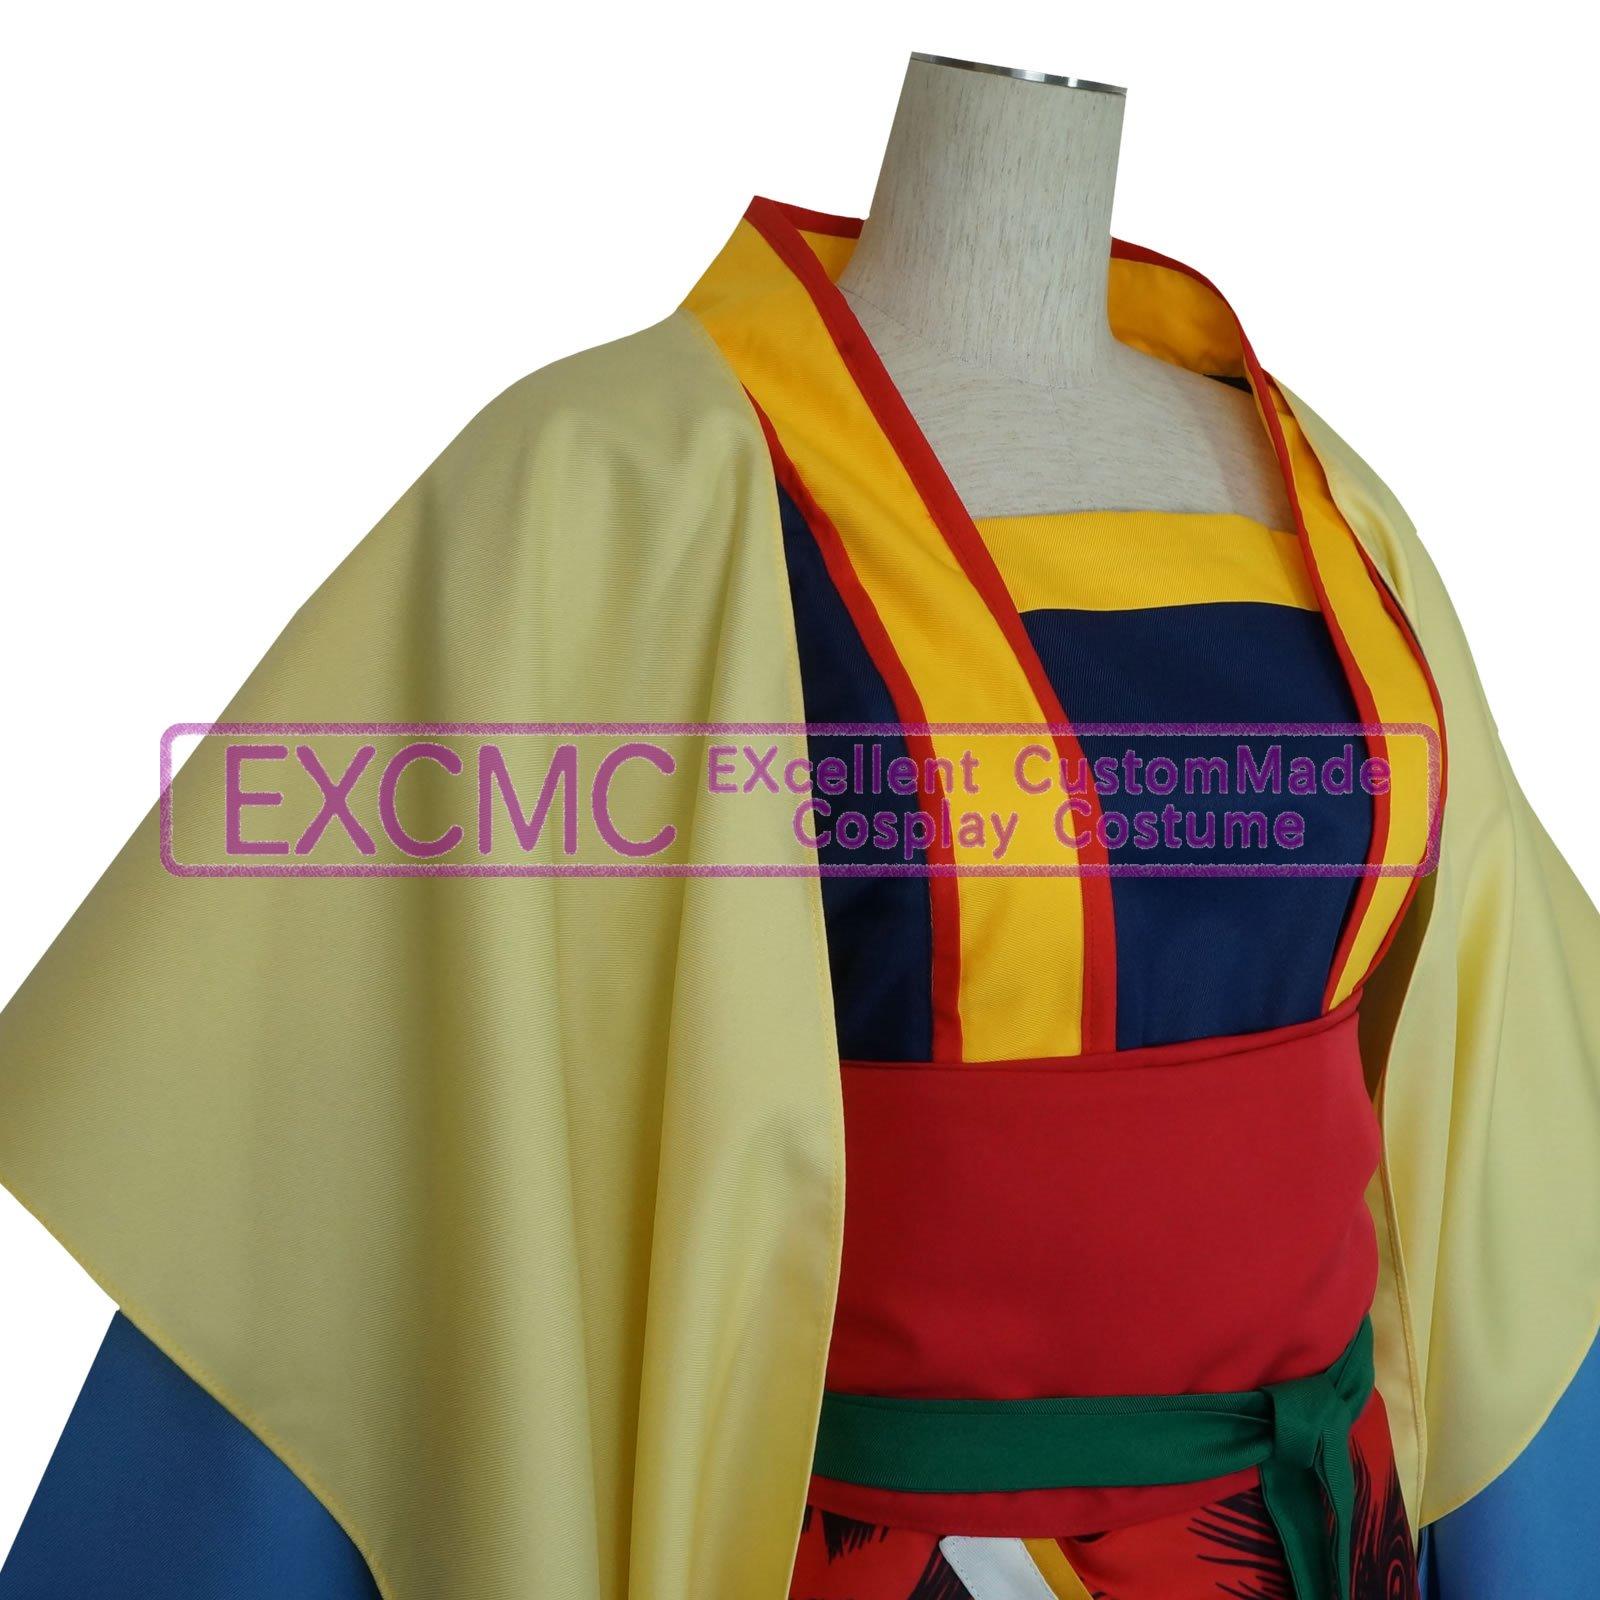 ふしぎ遊戯 柳宿(ぬりこ) キャラクターズ・ヴォーカル・コレクション5 風 コスプレ衣装9